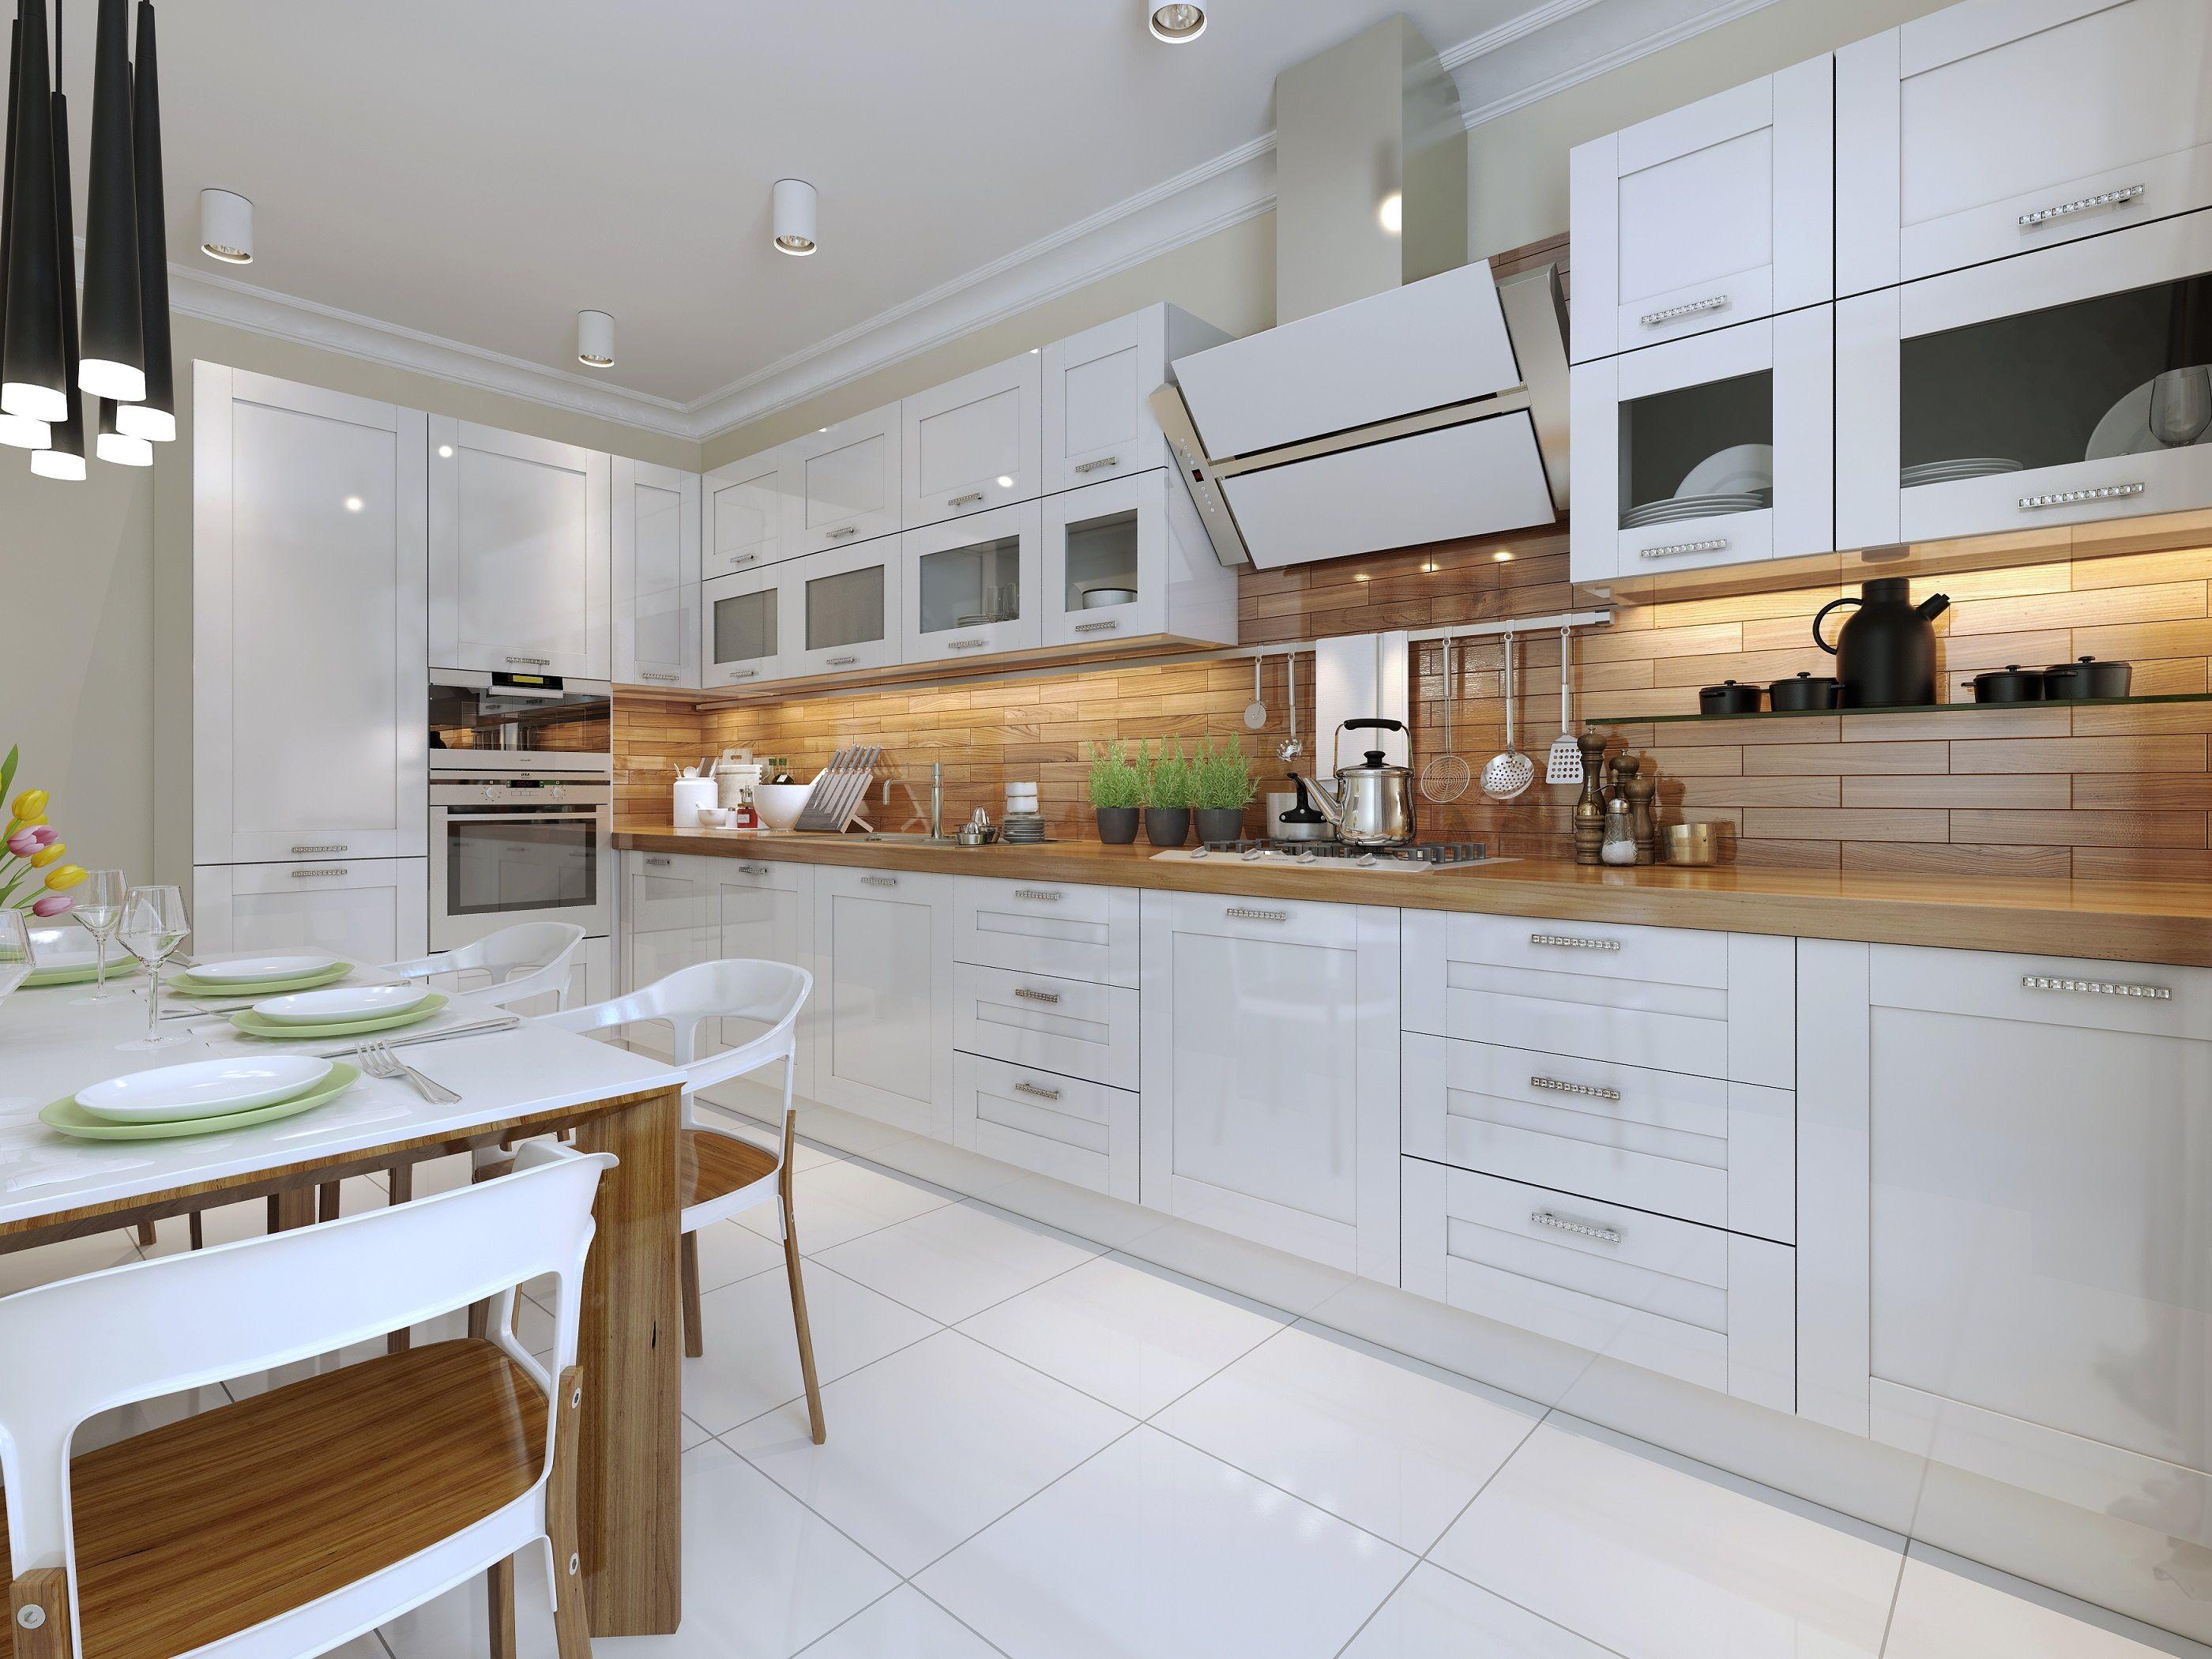 Piekna Klasyczna Kuchnia Z Bialymi Szafkami I Brazowym Drewnianym Blatem Krysztalowe U Beautiful Kitchen Cabinets Used Kitchen Cabinets New Kitchen Cabinets